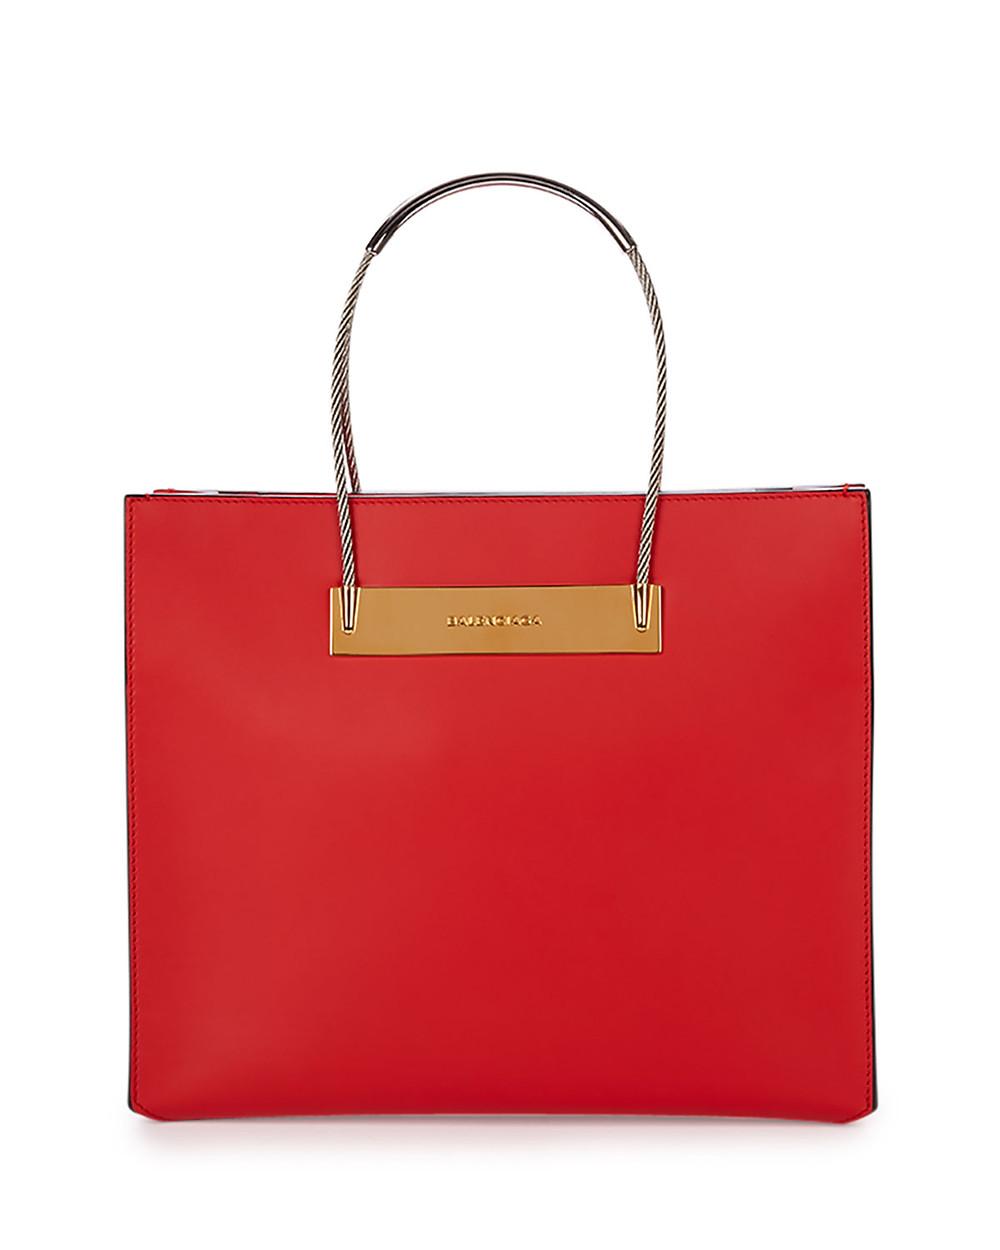 Balenciaga shopper bag $1,785